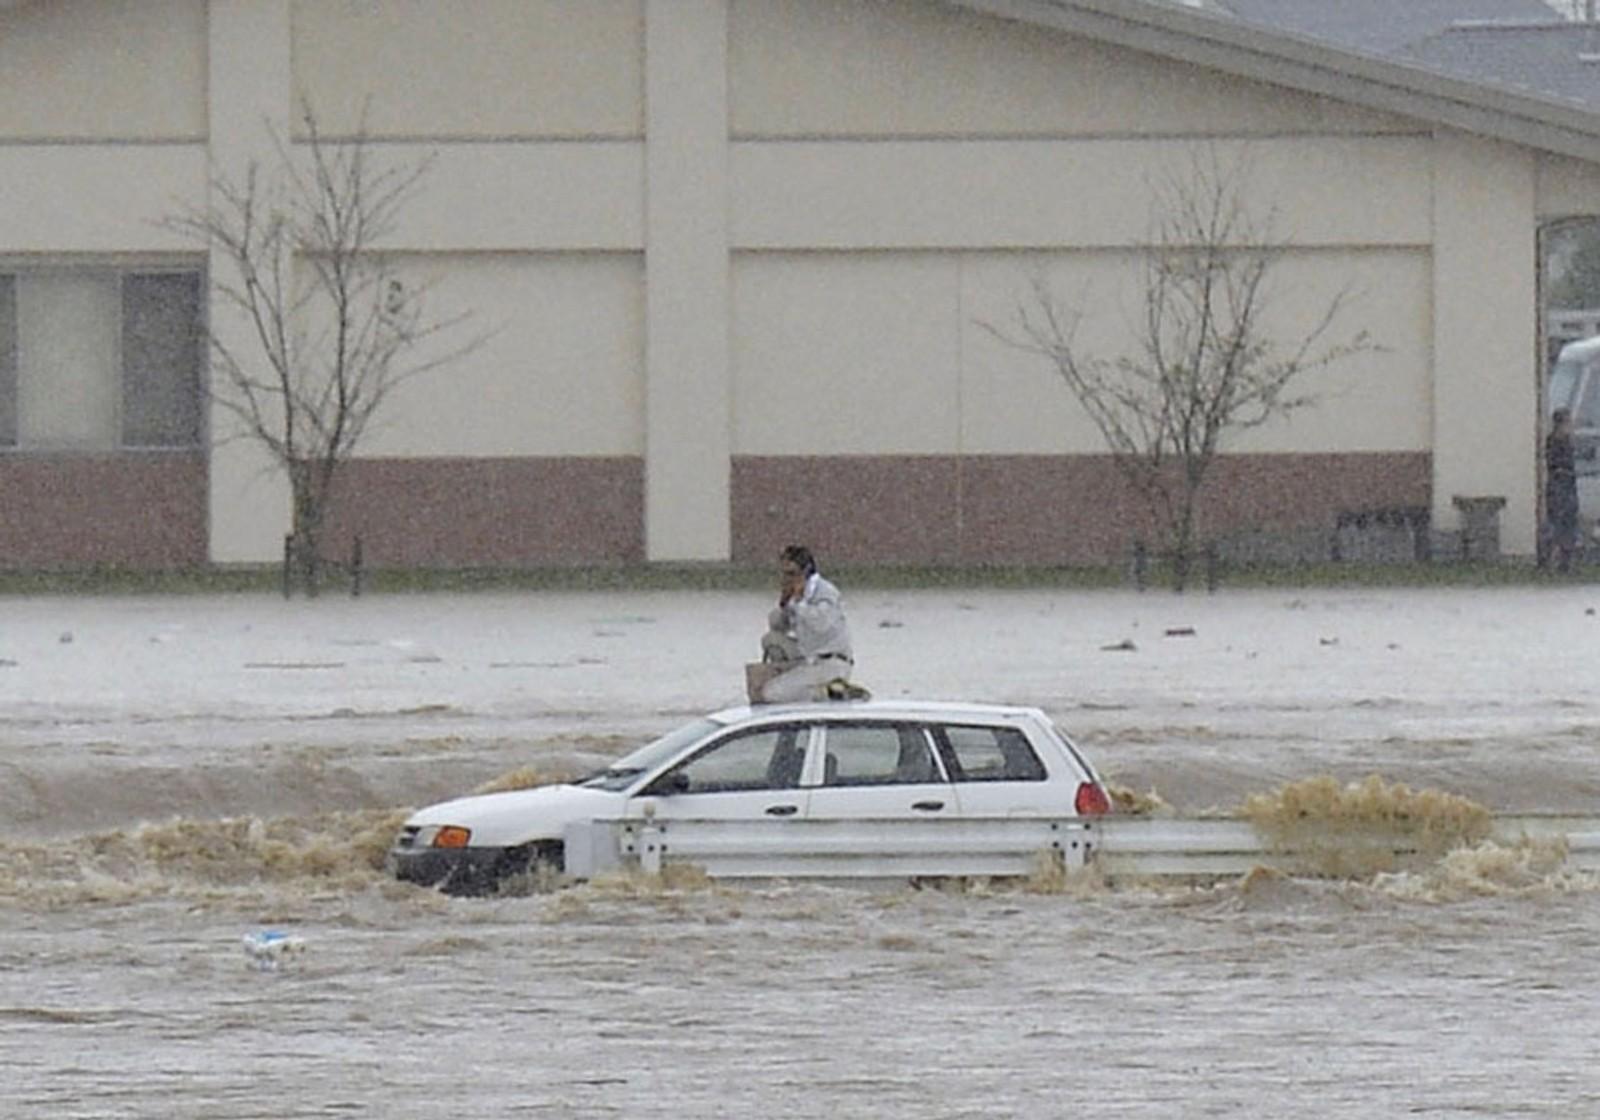 Denne mannen måtte sette seg på taket av bilen sin under en voldsom flom i Kinugawa-elva i Japan denne uka.